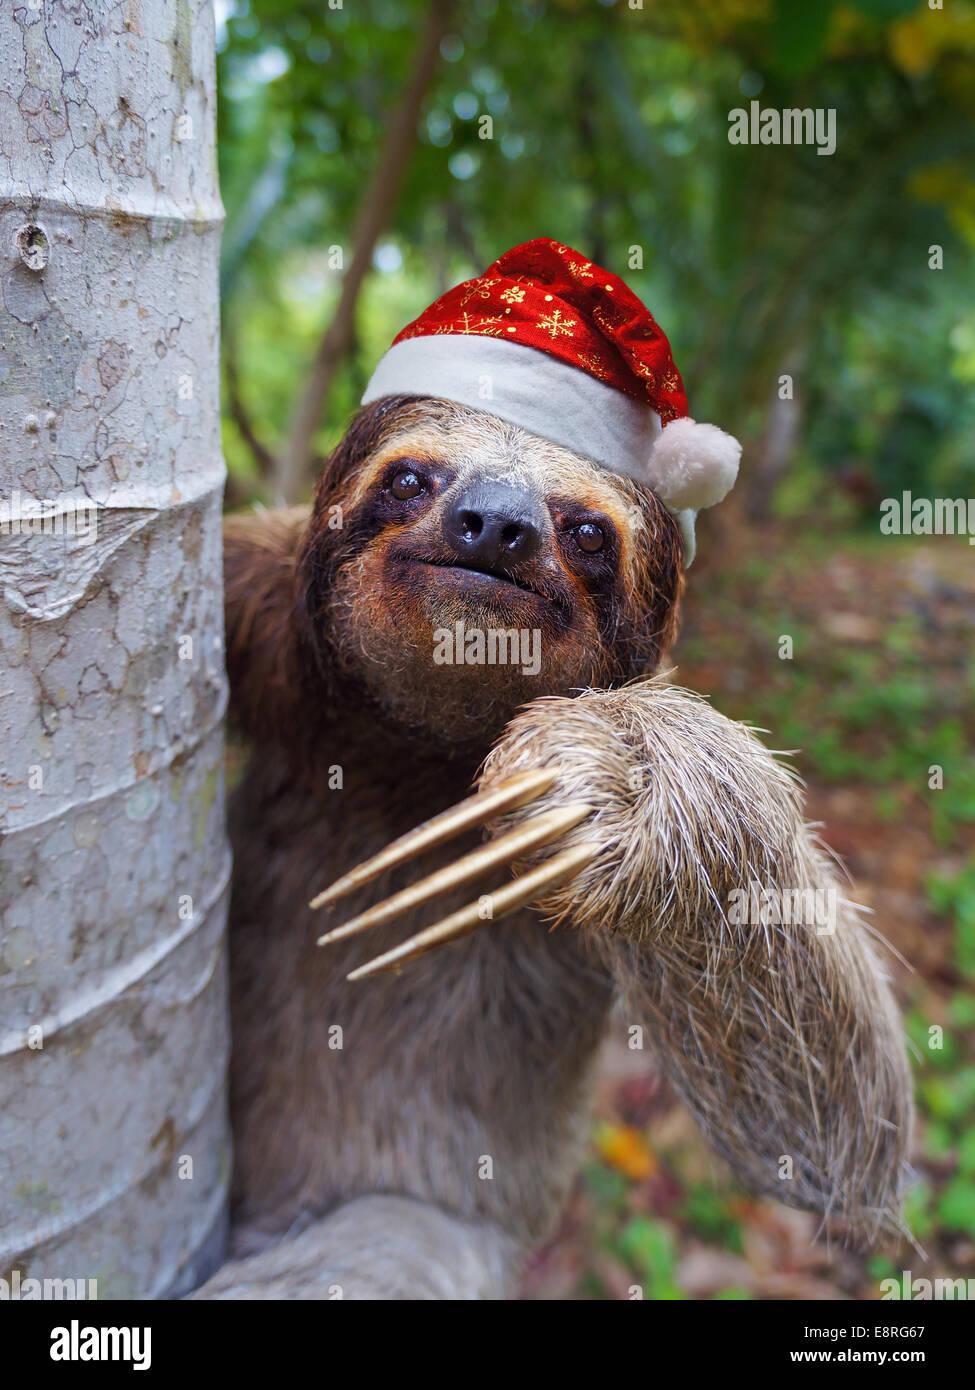 Animales de Navidad, retrato de una pereza llevando un gorro de Papá Noel Foto de stock